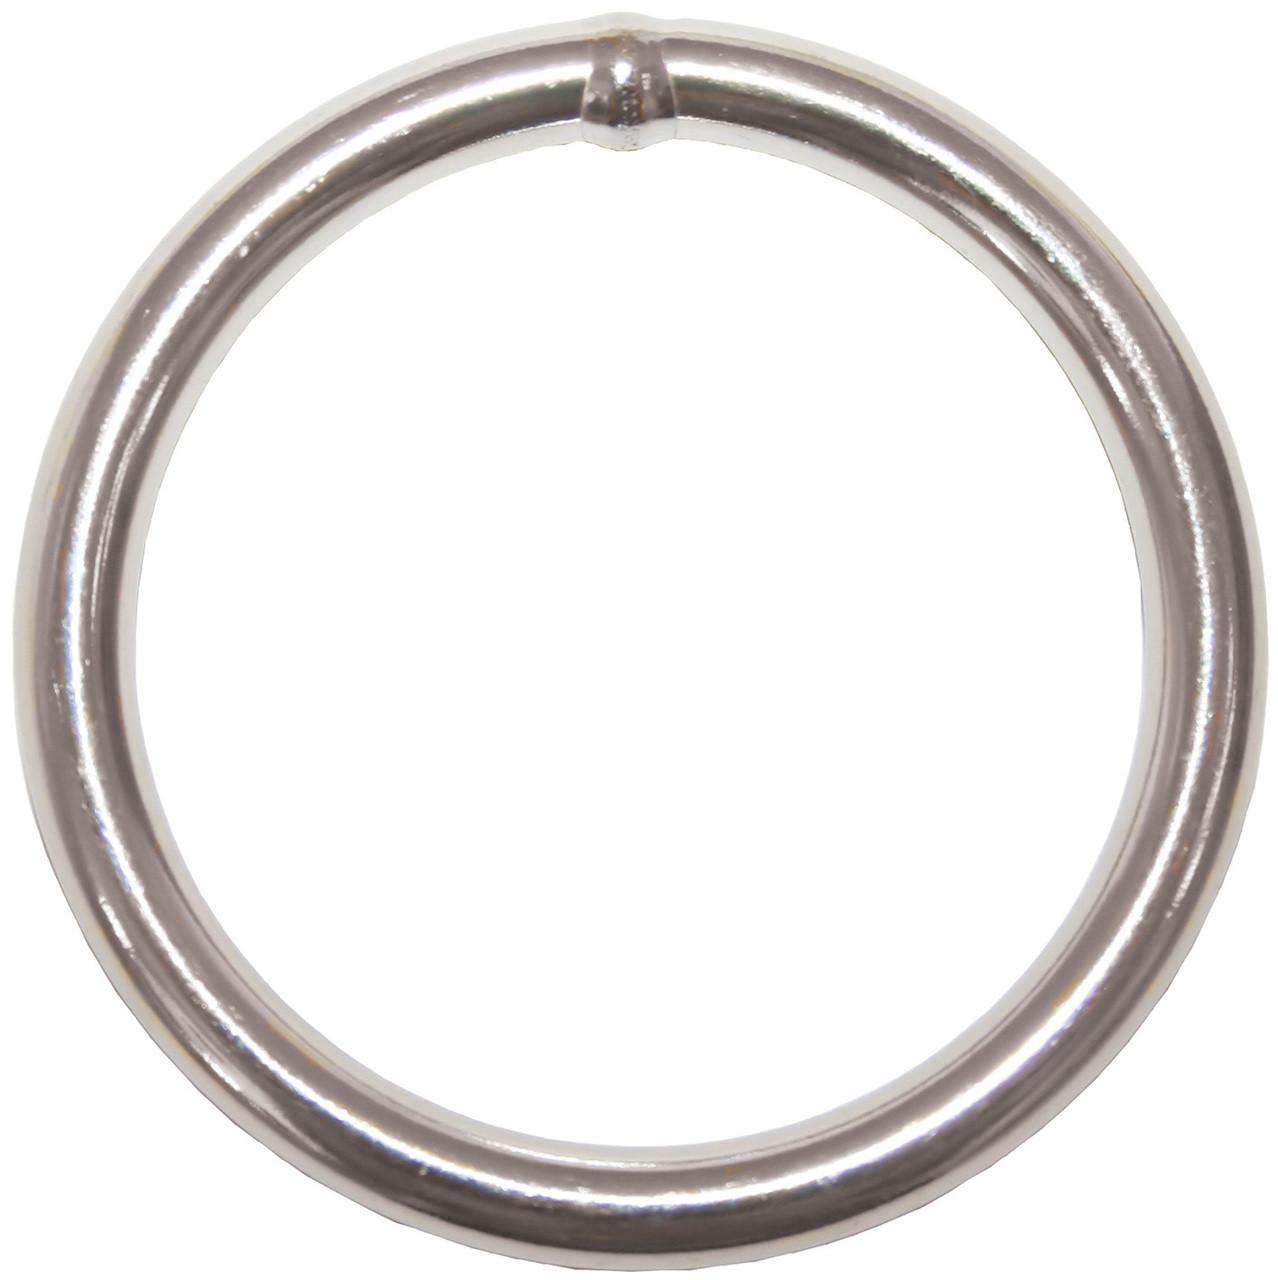 Round Ring S/S 6 x 40mm